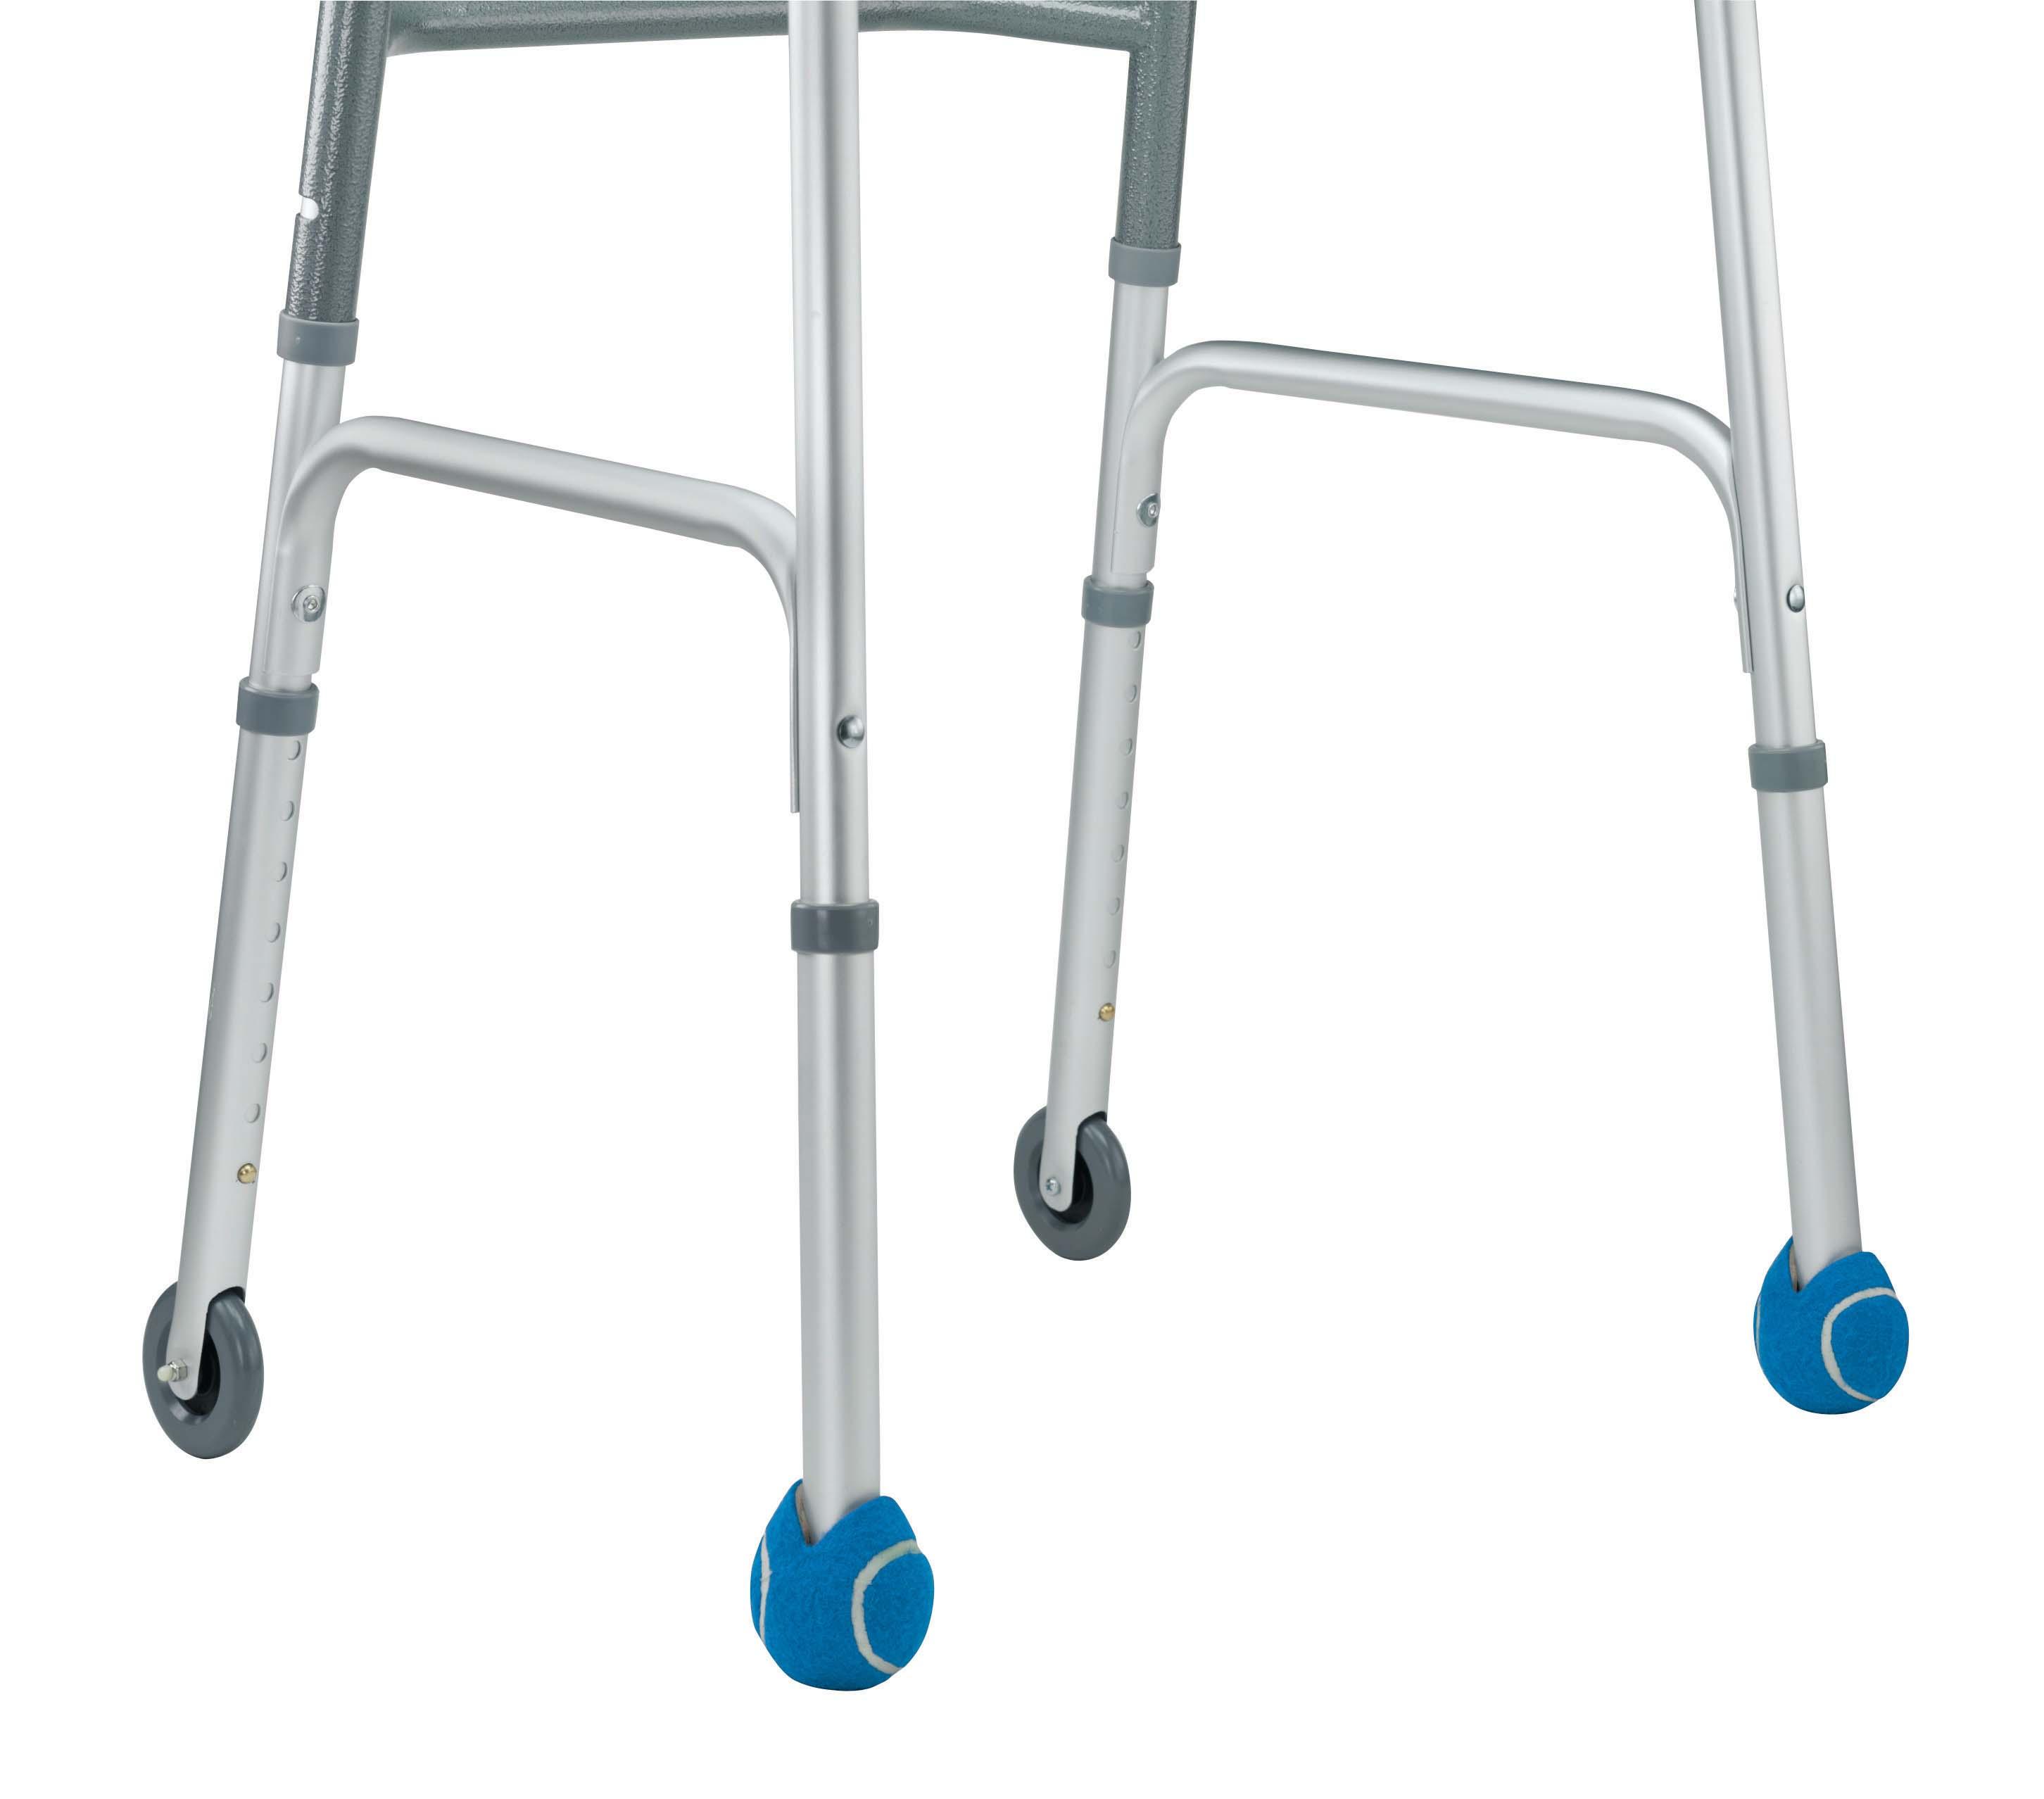 walkerballs-zebra-1-pair-510-1035-9917-lr-2.jpg